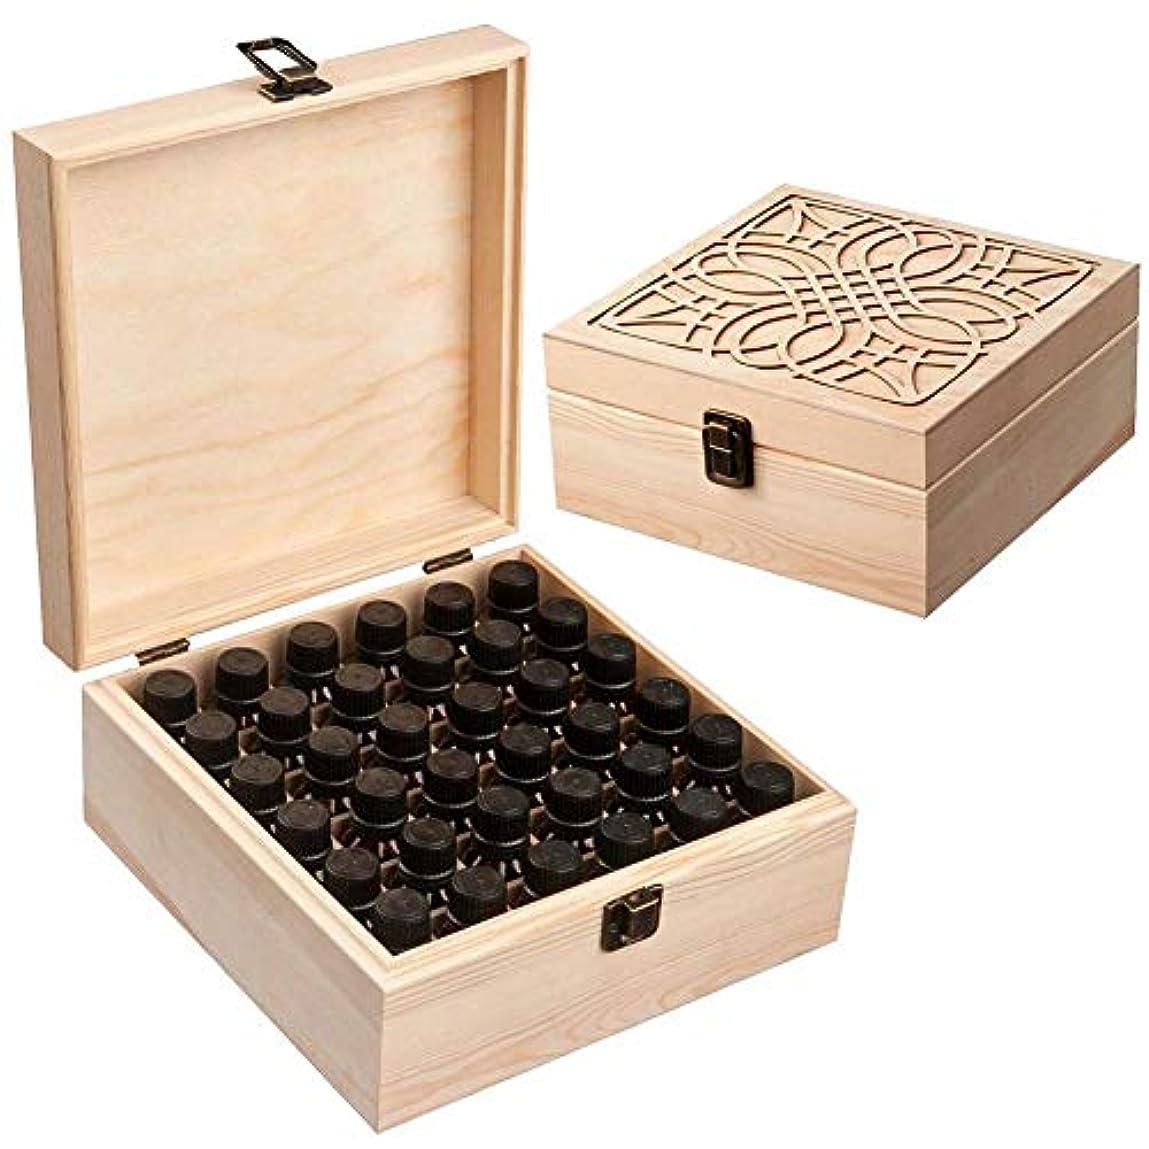 試みるホールド二十Newfashion エッセンシャルオイル収納ボックス 精油収納 アロマケース 木製 大容量 携帯便利 オイルボックス 飾り物 36本用